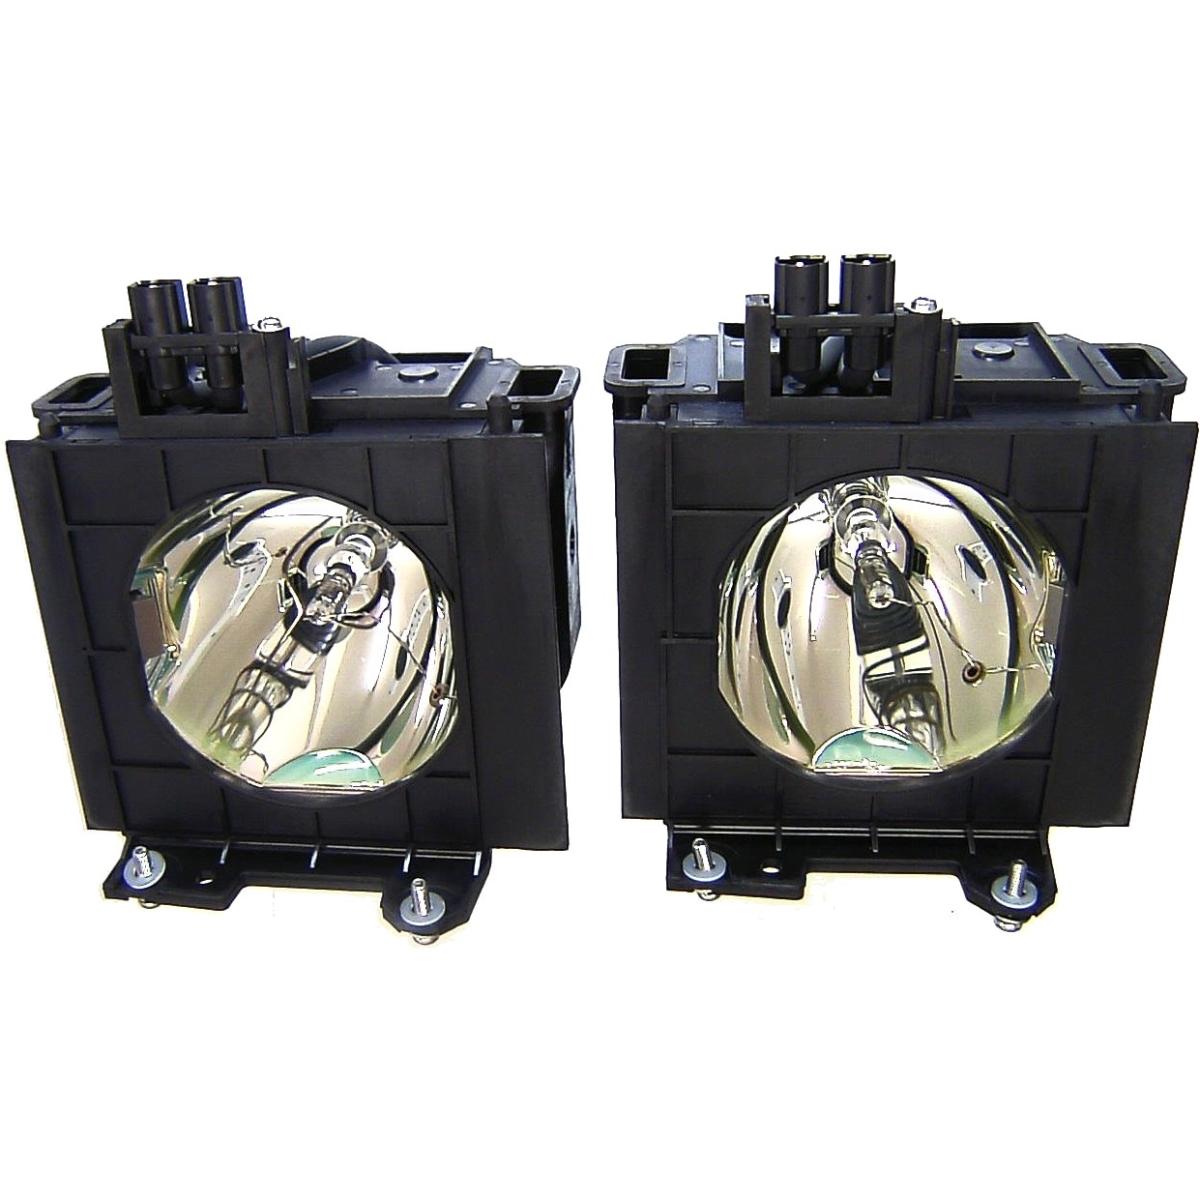 Repl lamp Panasonic 4000HRS 300W ET-LAD55LW 2PK PT-D5500/D5600/DW5000 SERIES - 300 W Projector Lamp